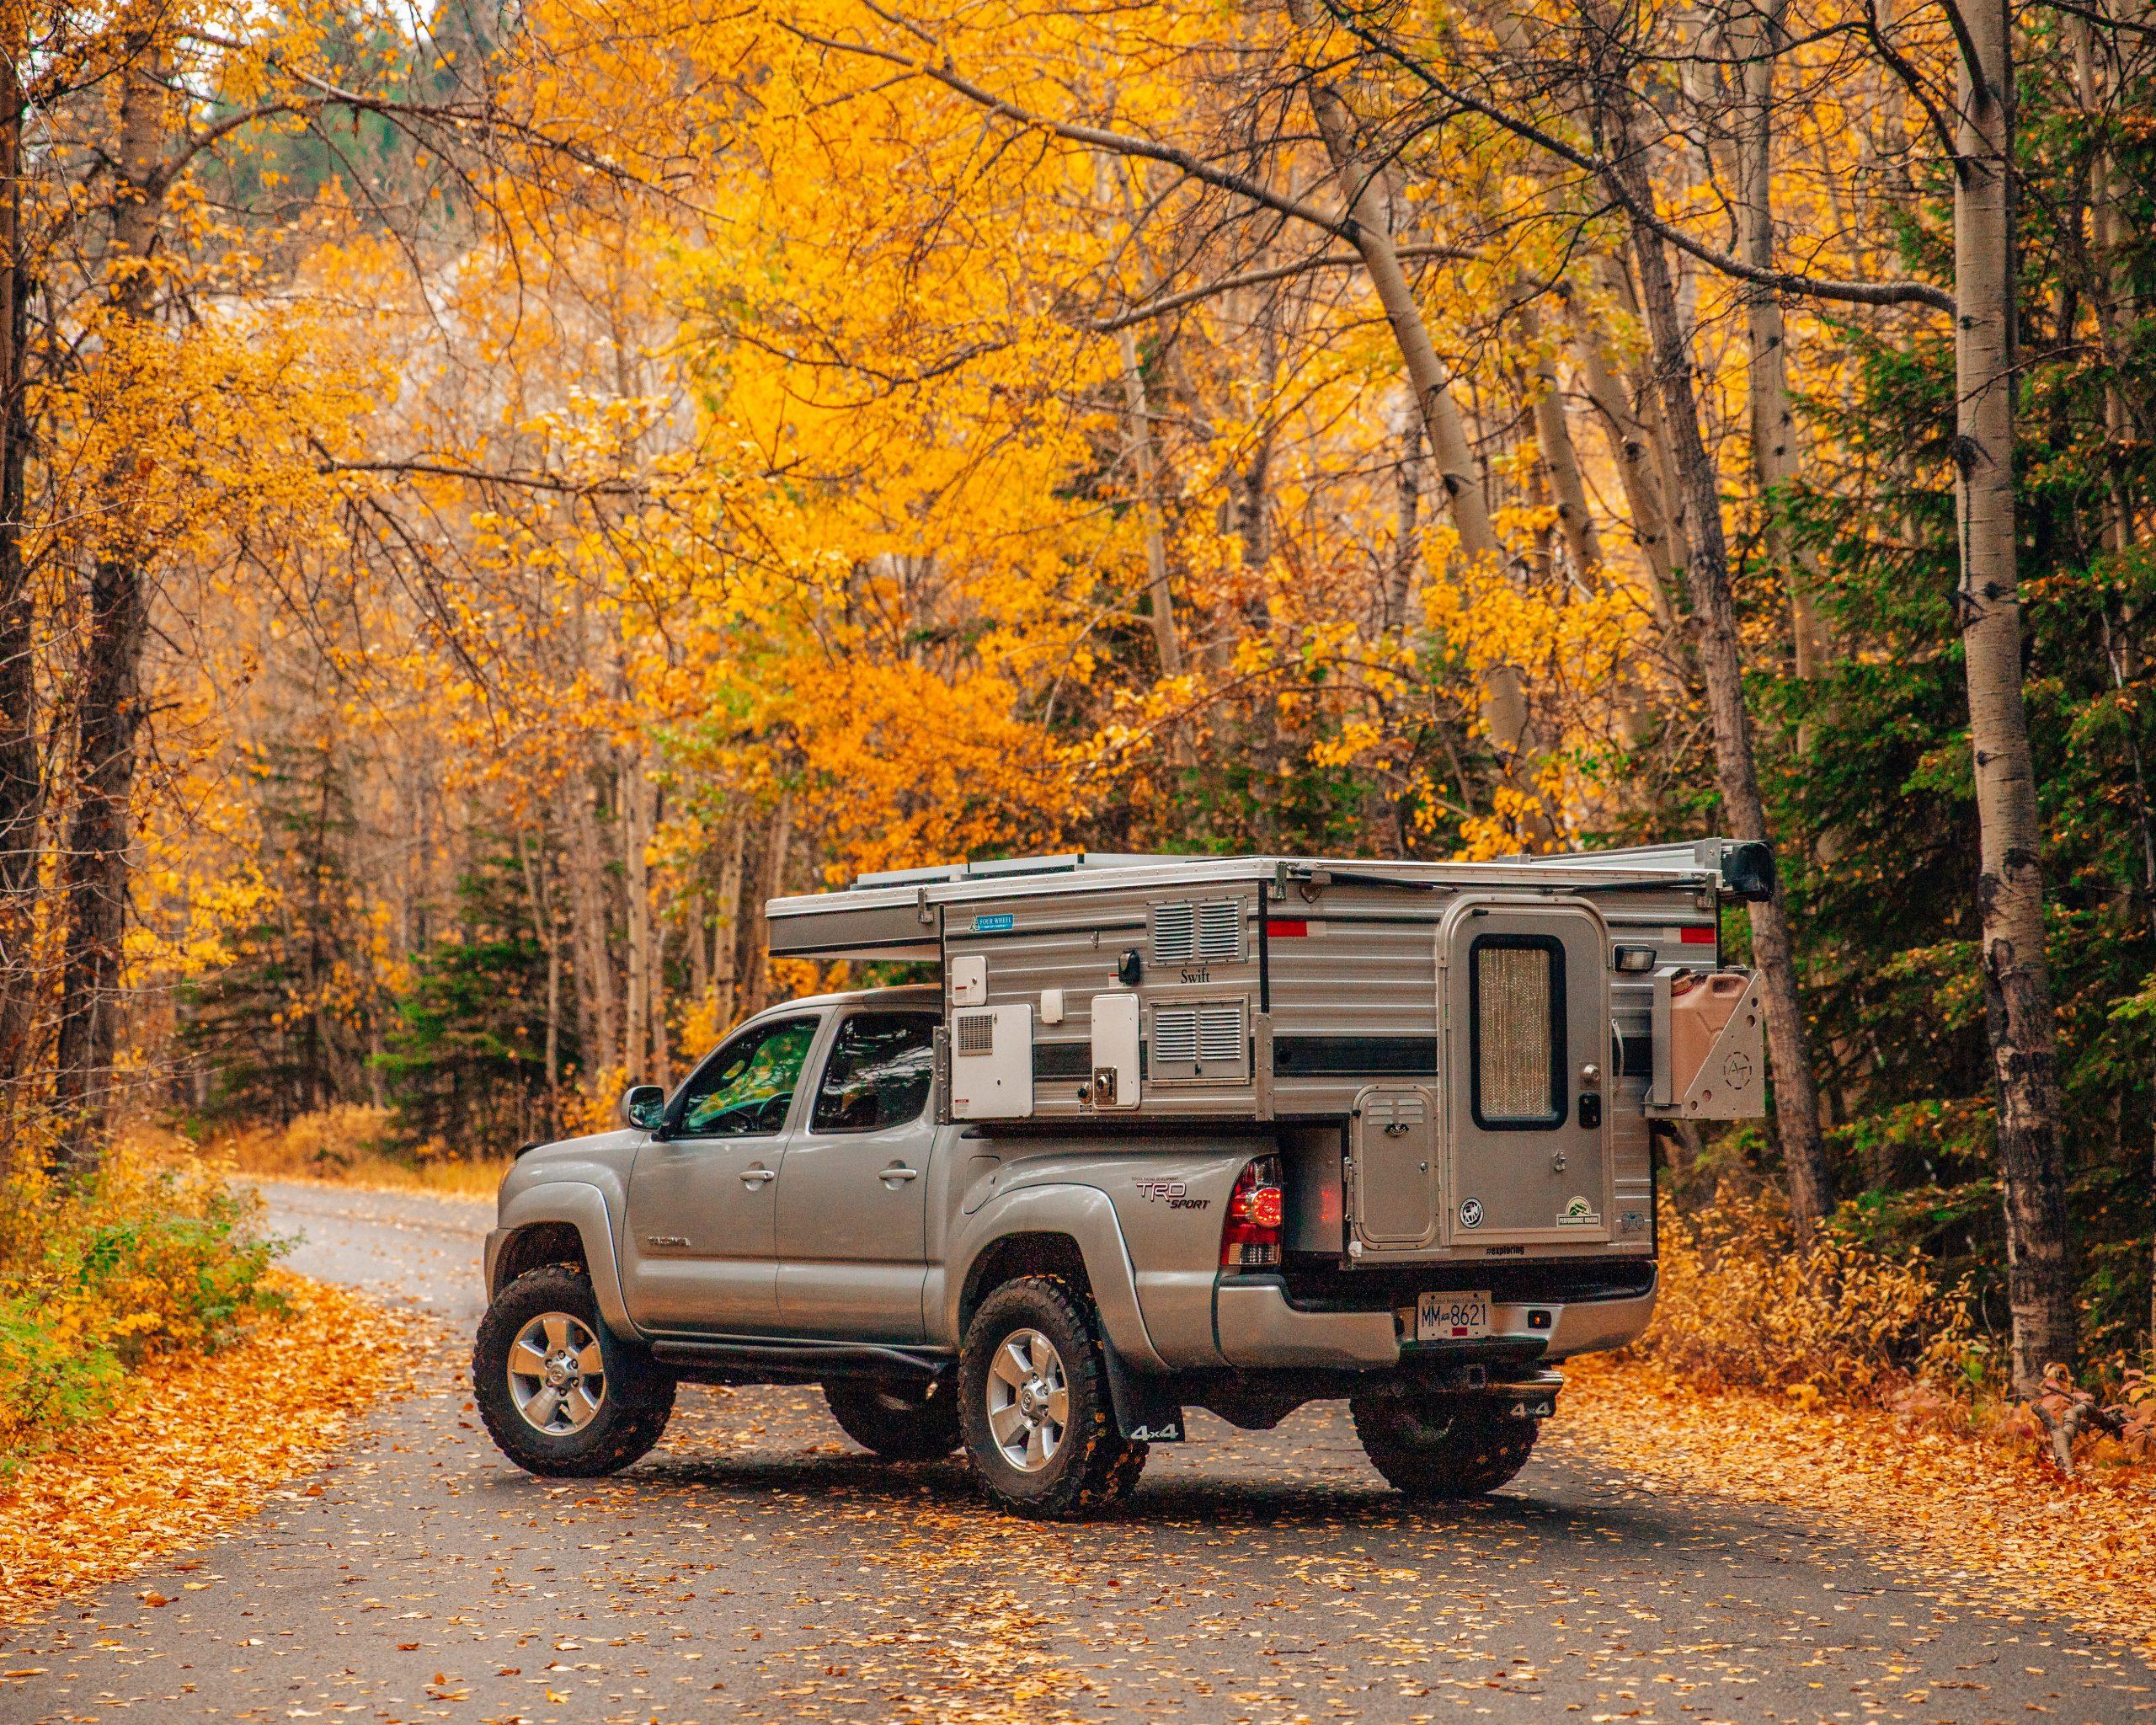 Pop Up Camper in Fall Foliage